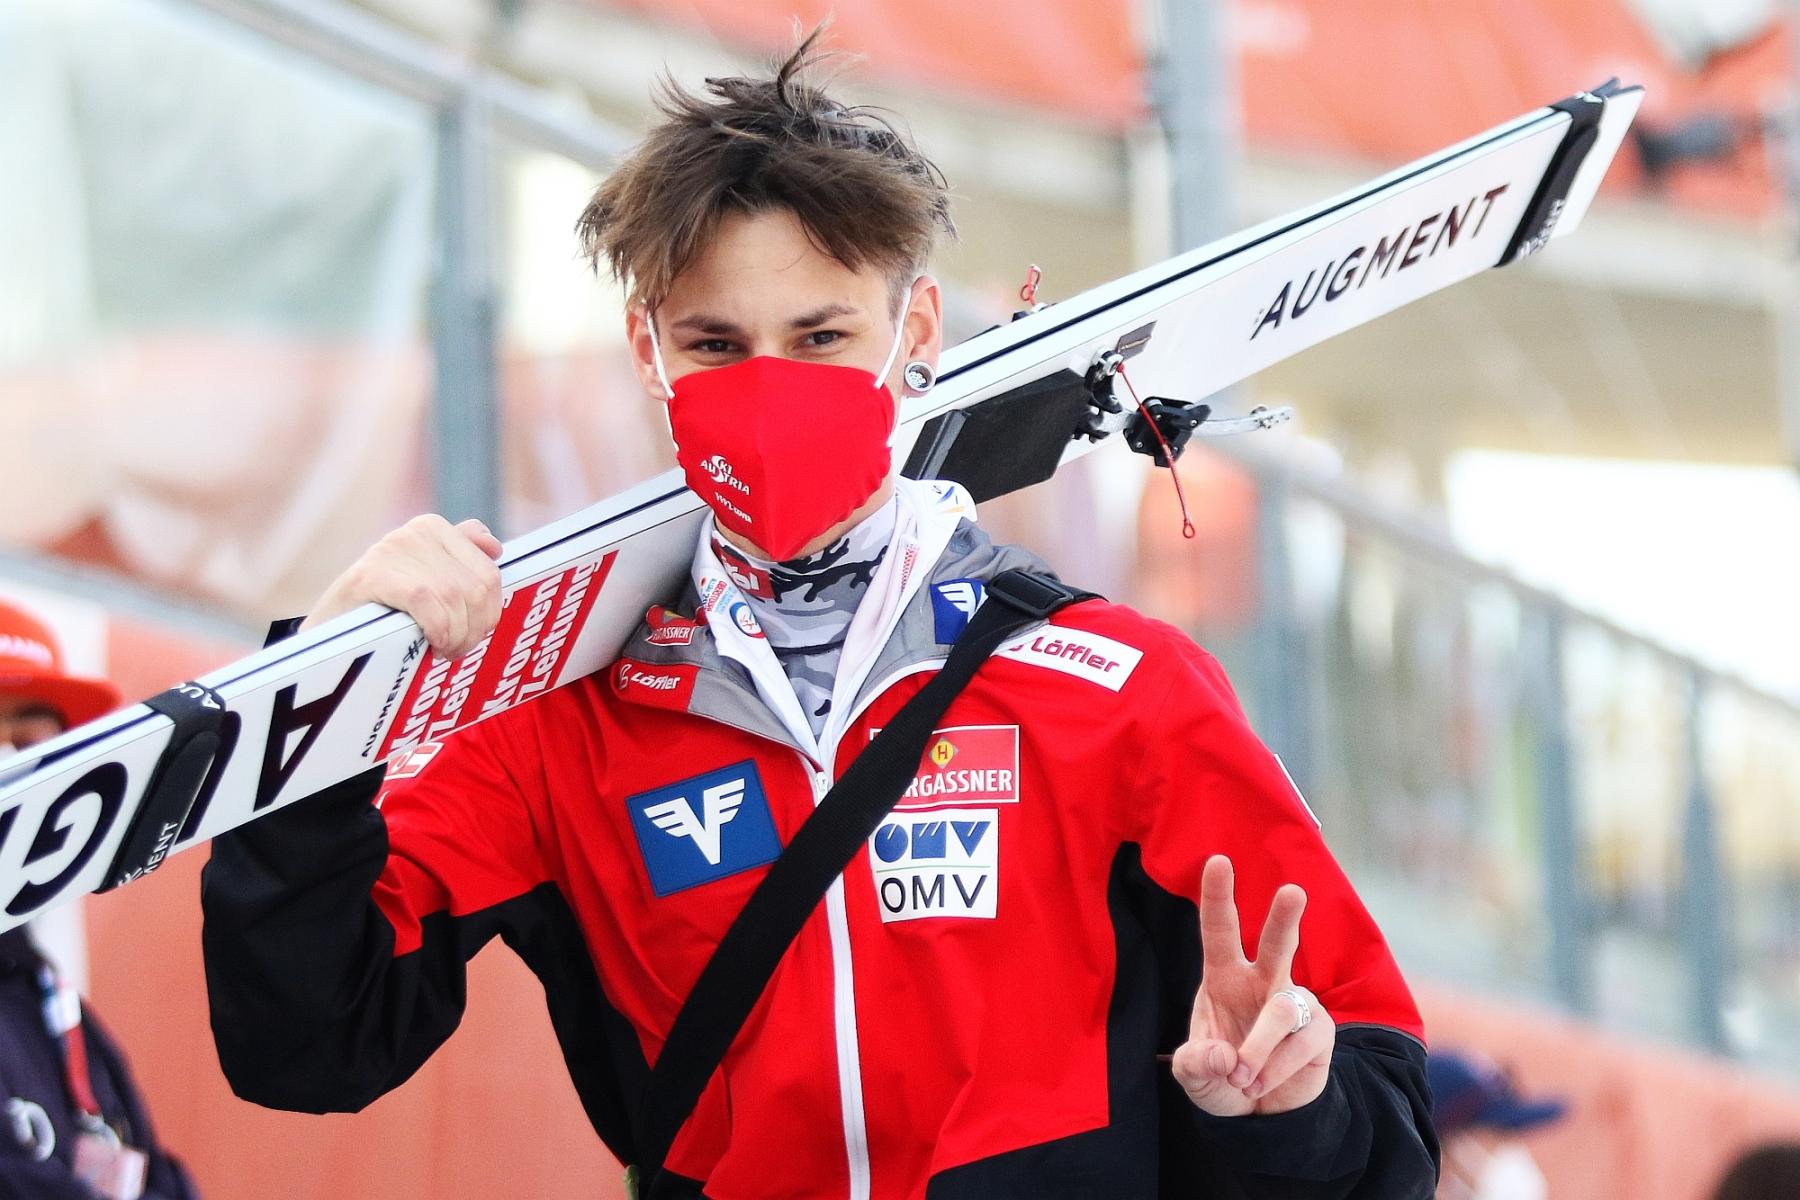 Mistrzostwa Swiata Oberstdorf2021 treningimezczyznHS106 fotJuliaPiatkowska 70 - PK Czajkowski: Wąsek i Fettner z najlepszymi skokami na treningach